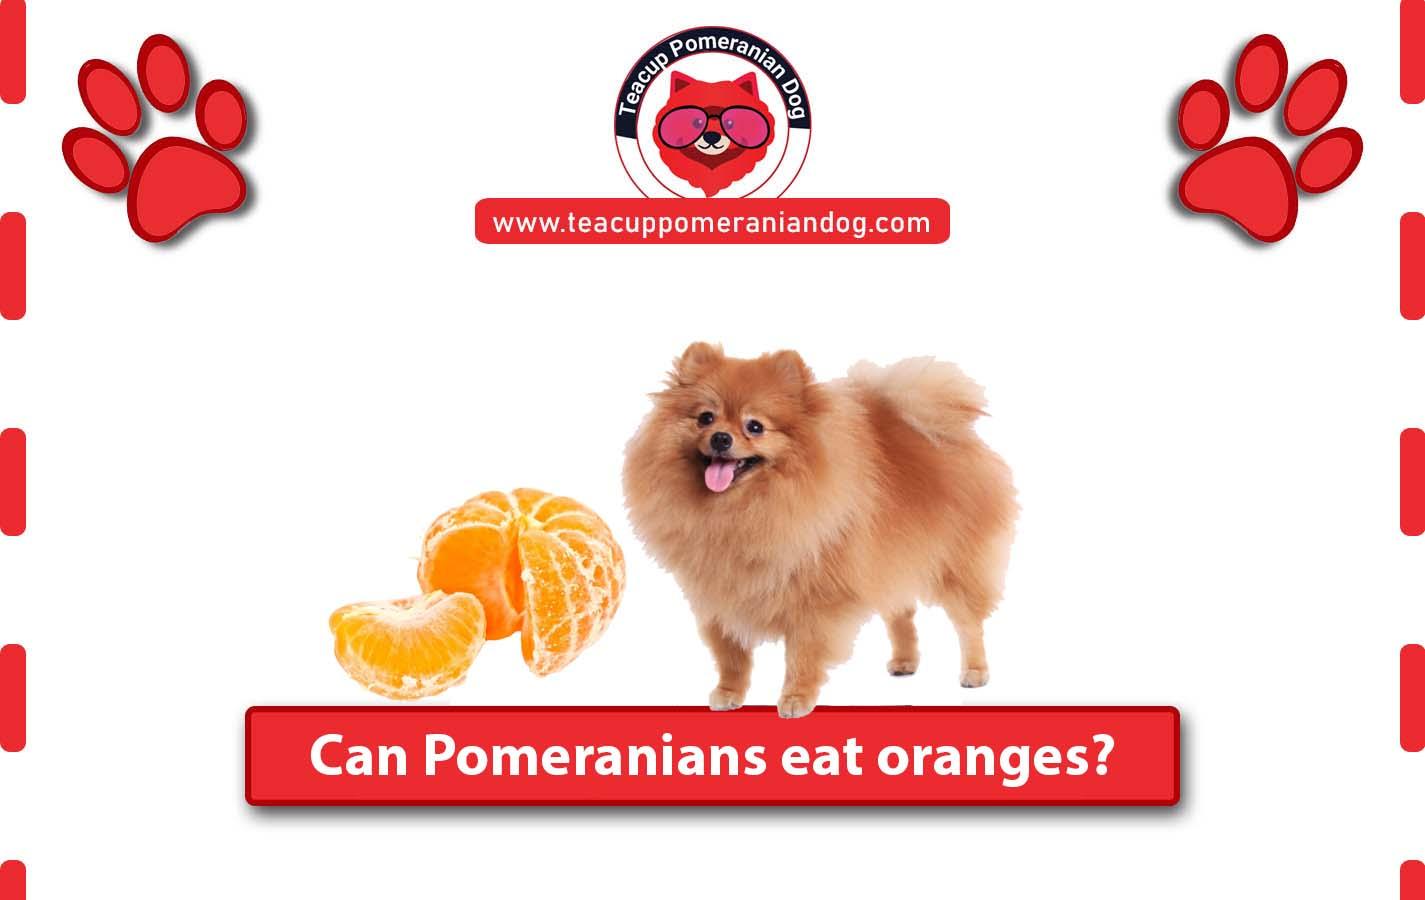 can Pomeranians eat oranges